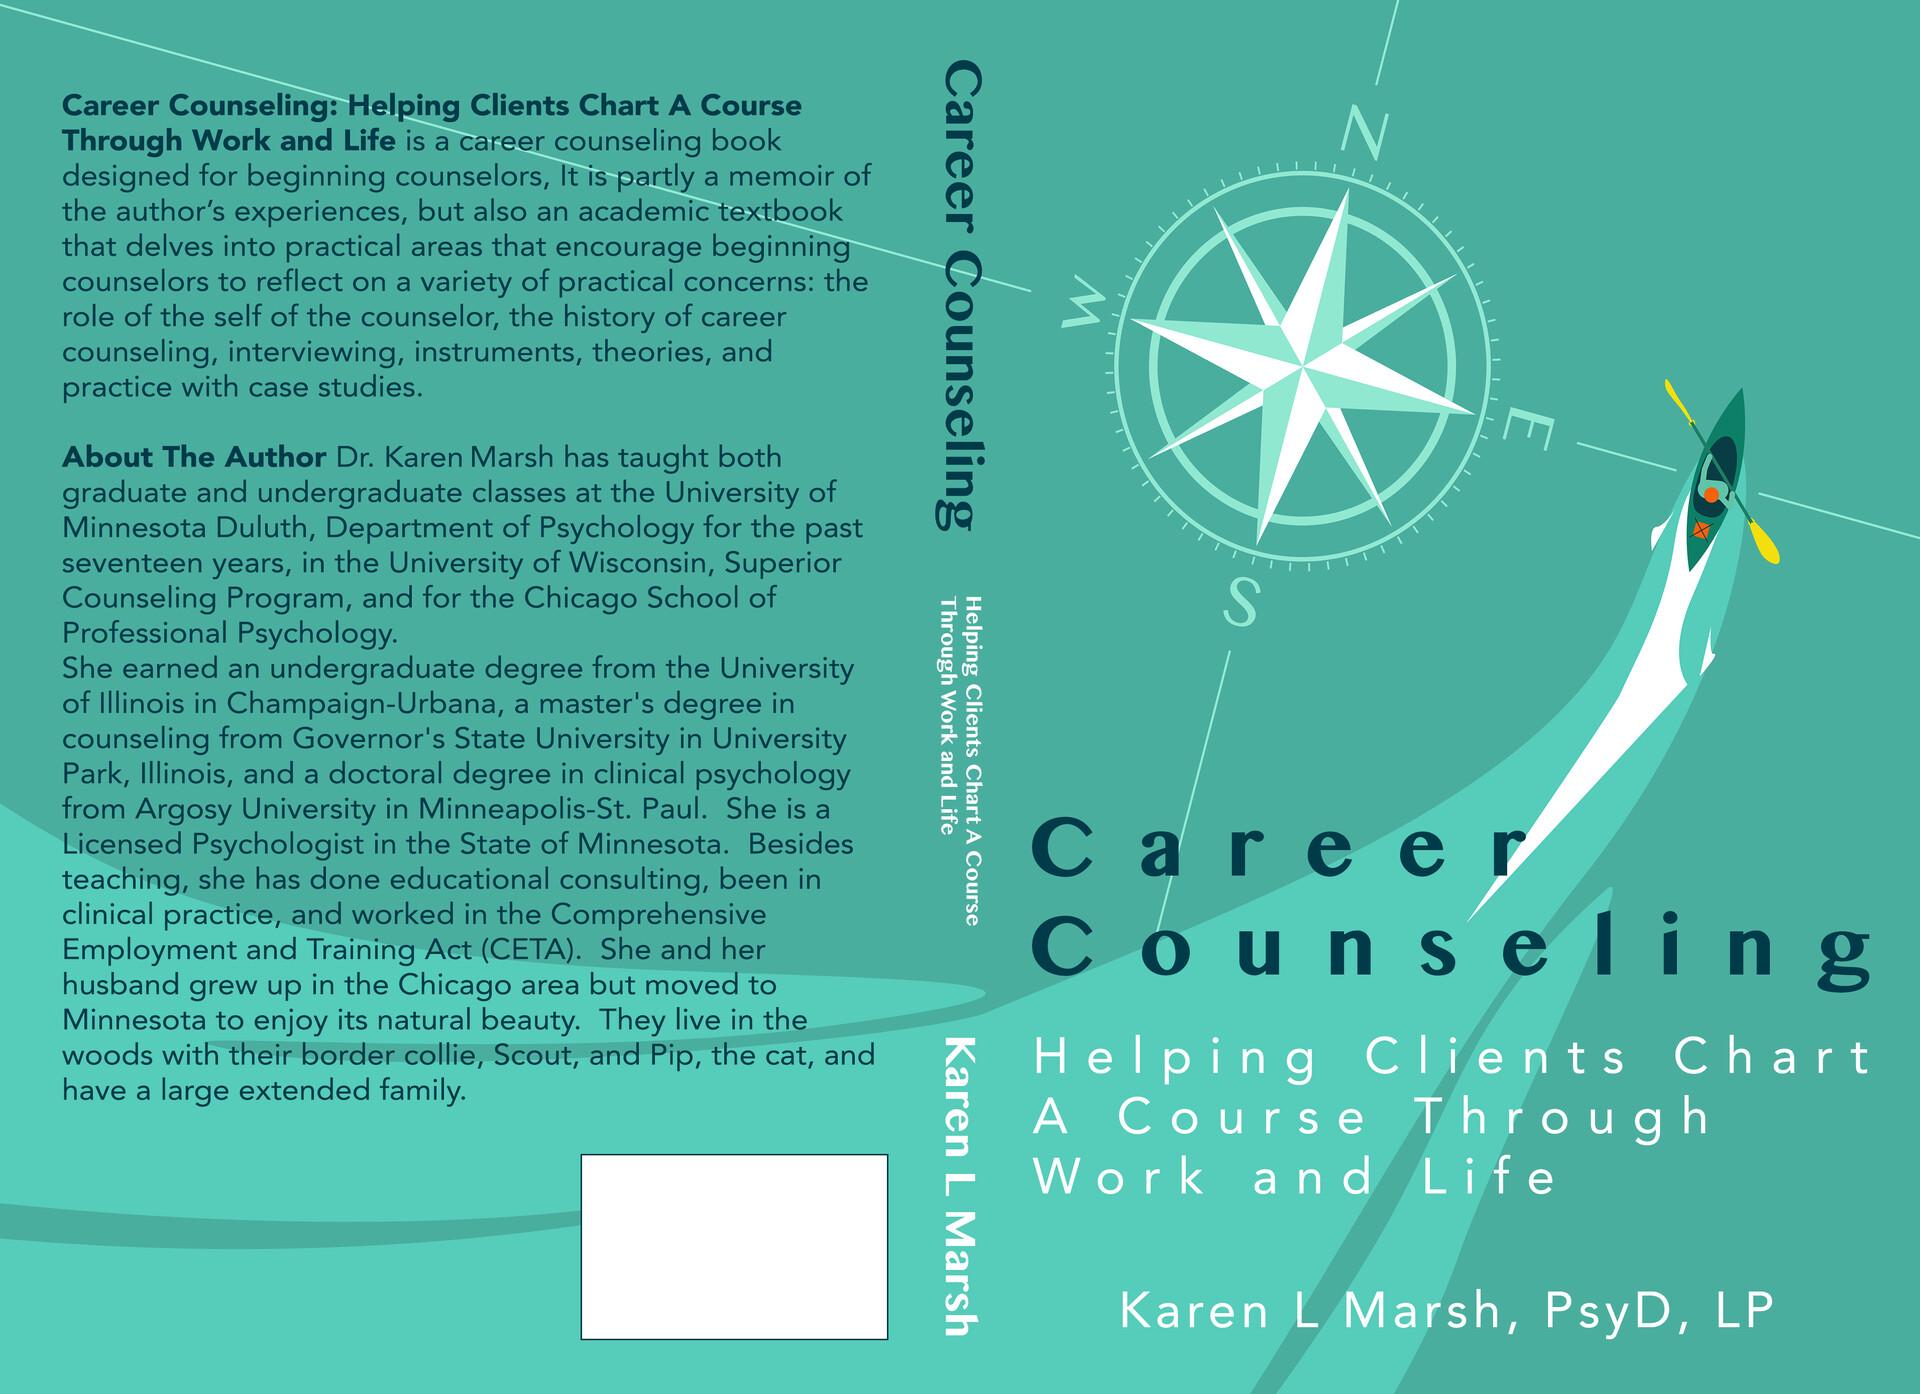 ArtStation - Book Cover Design & Illustration - Psychology, Career